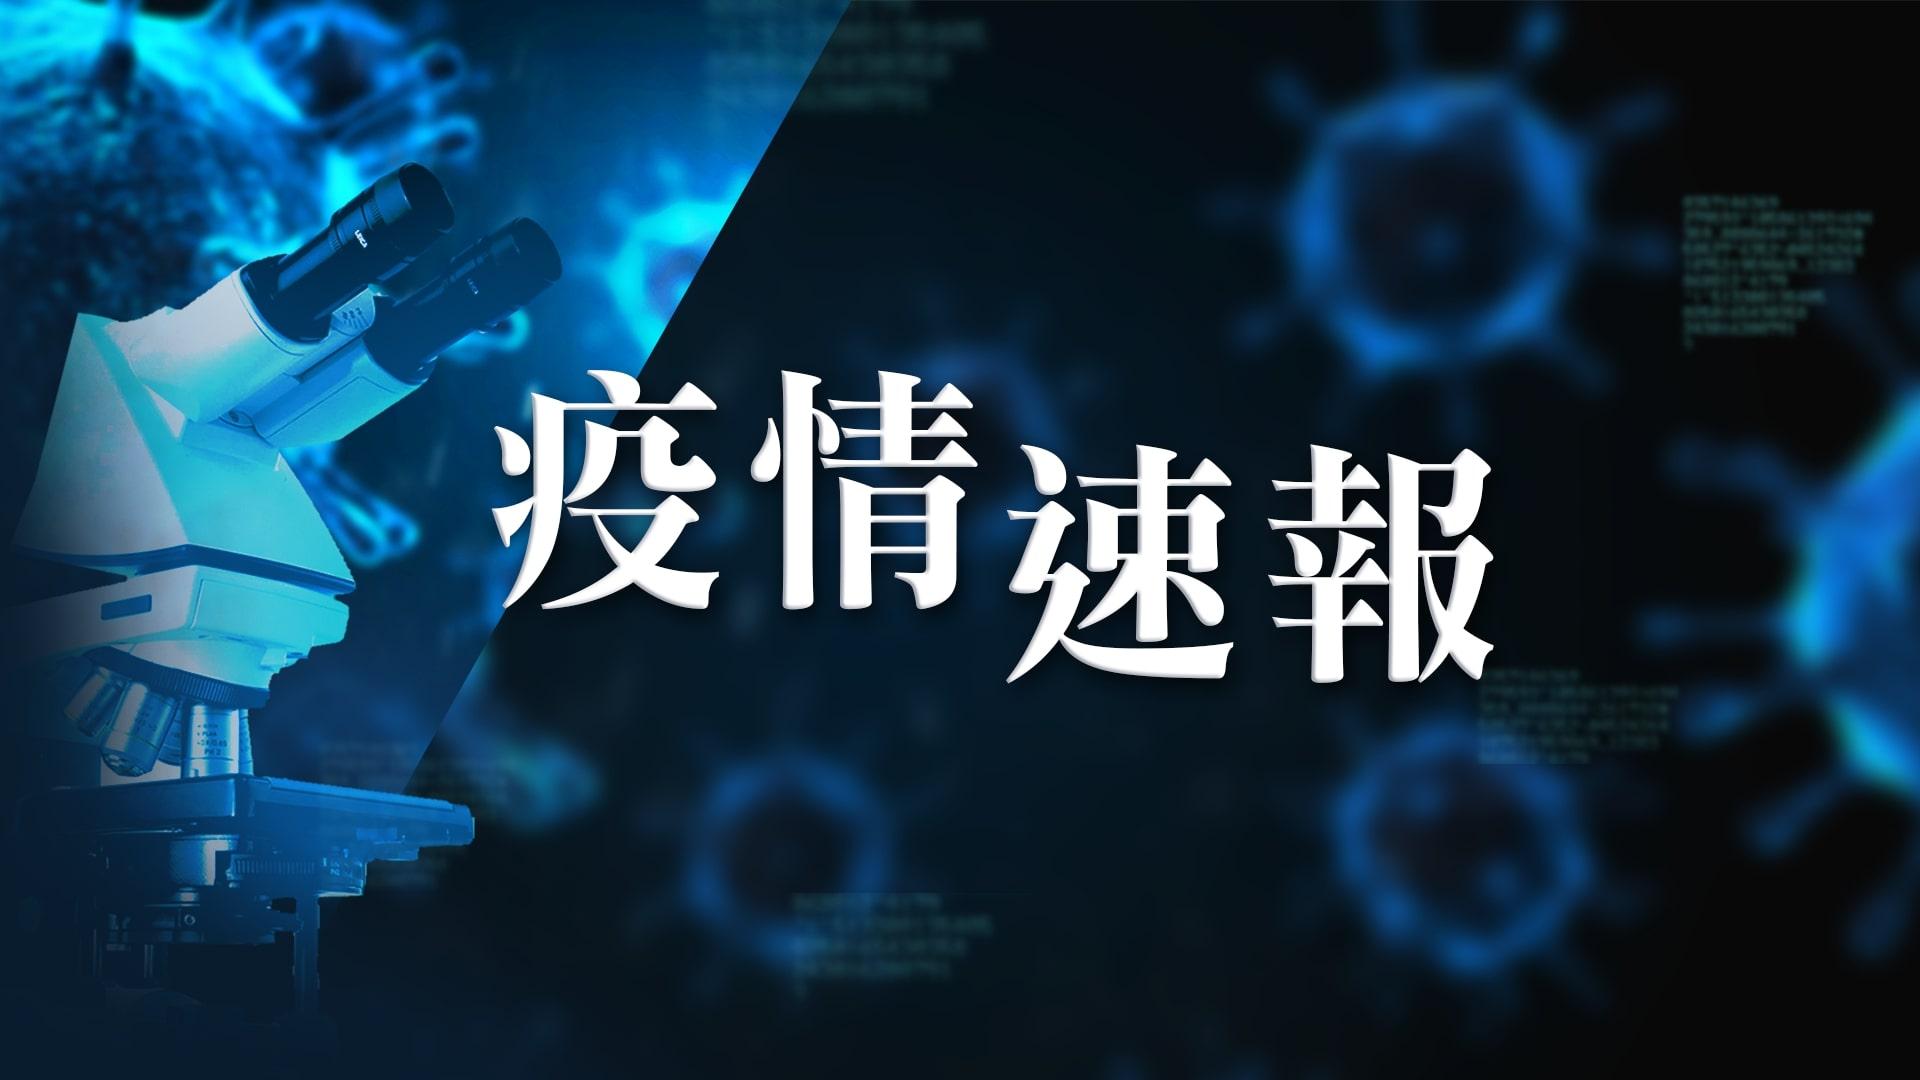 【6月1日疫情速報】(23:50)